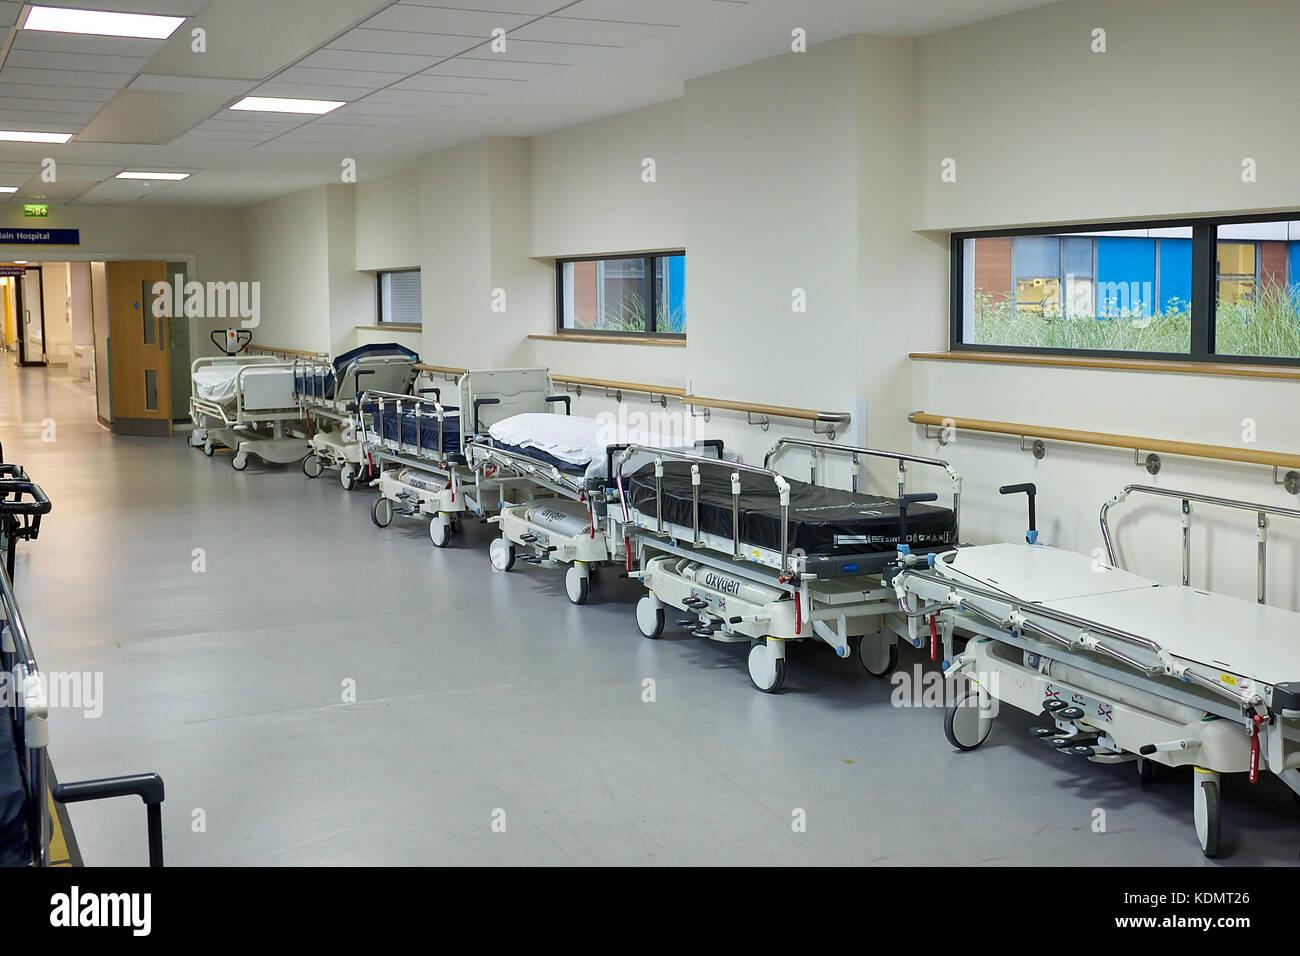 Lungo Il Corridoio In Inglese : Svuotare letti di ospedale lungo il corridoio foto immagine